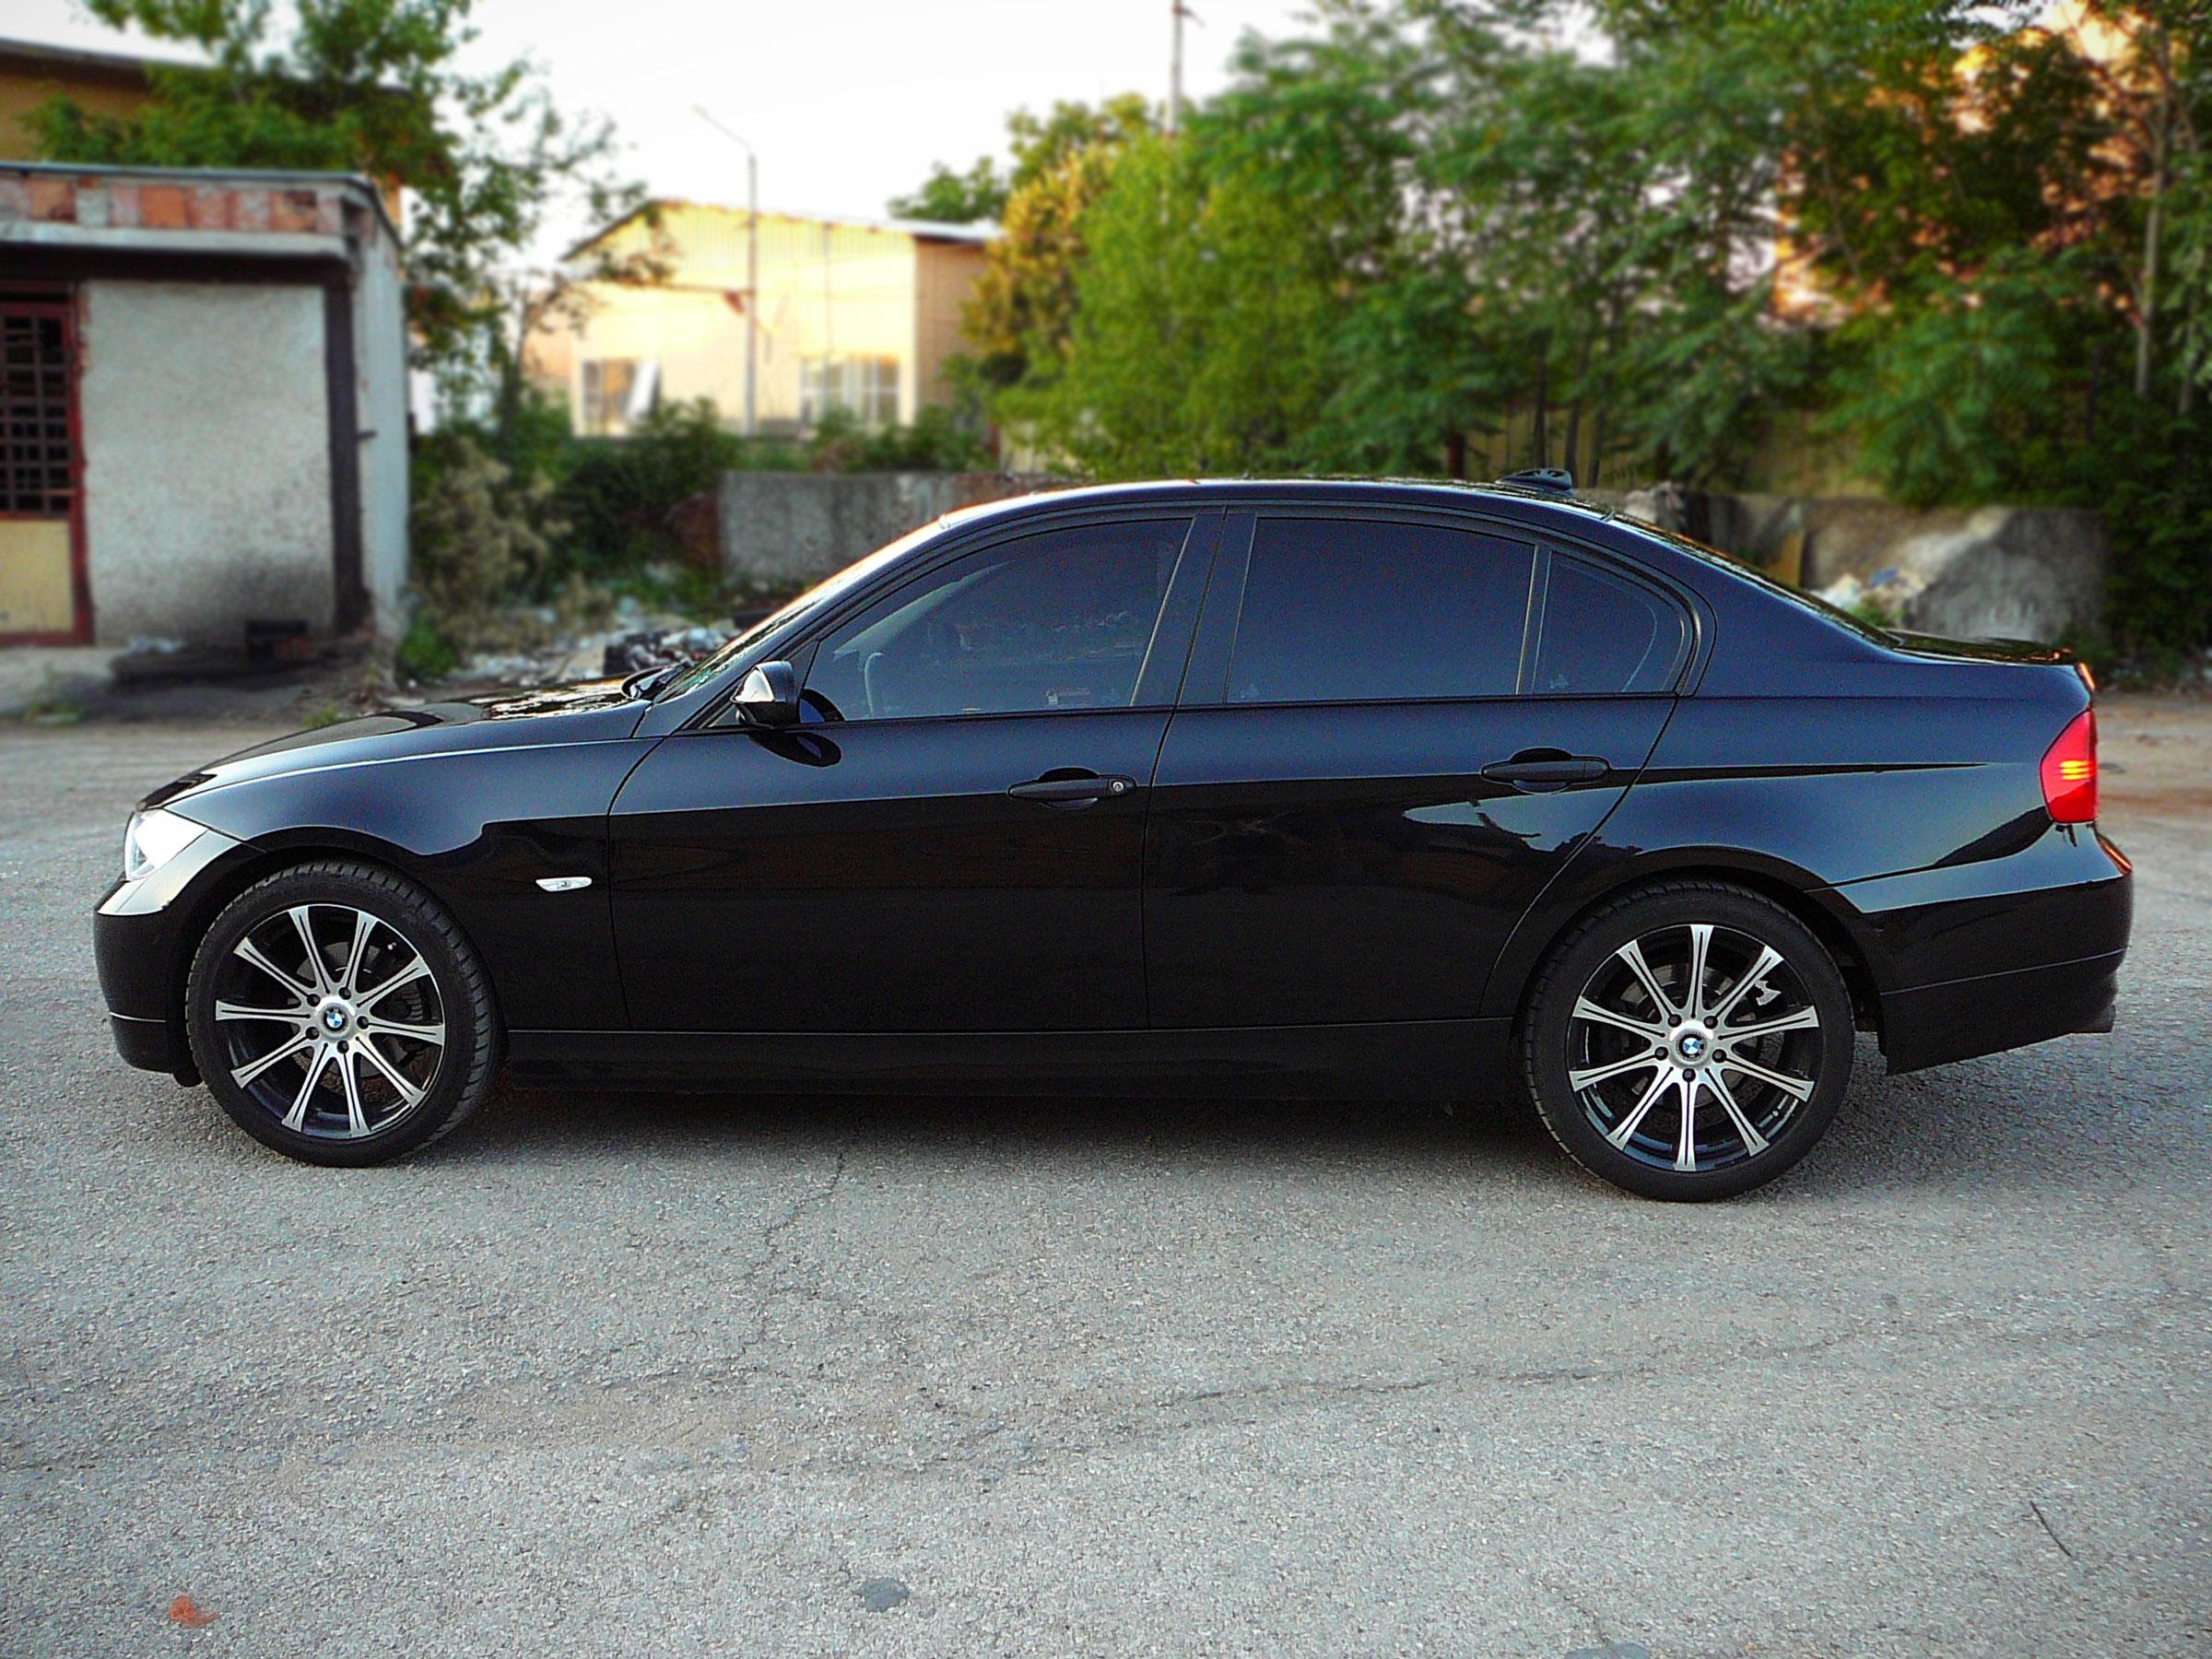 BMW E90 320d Picture 21989